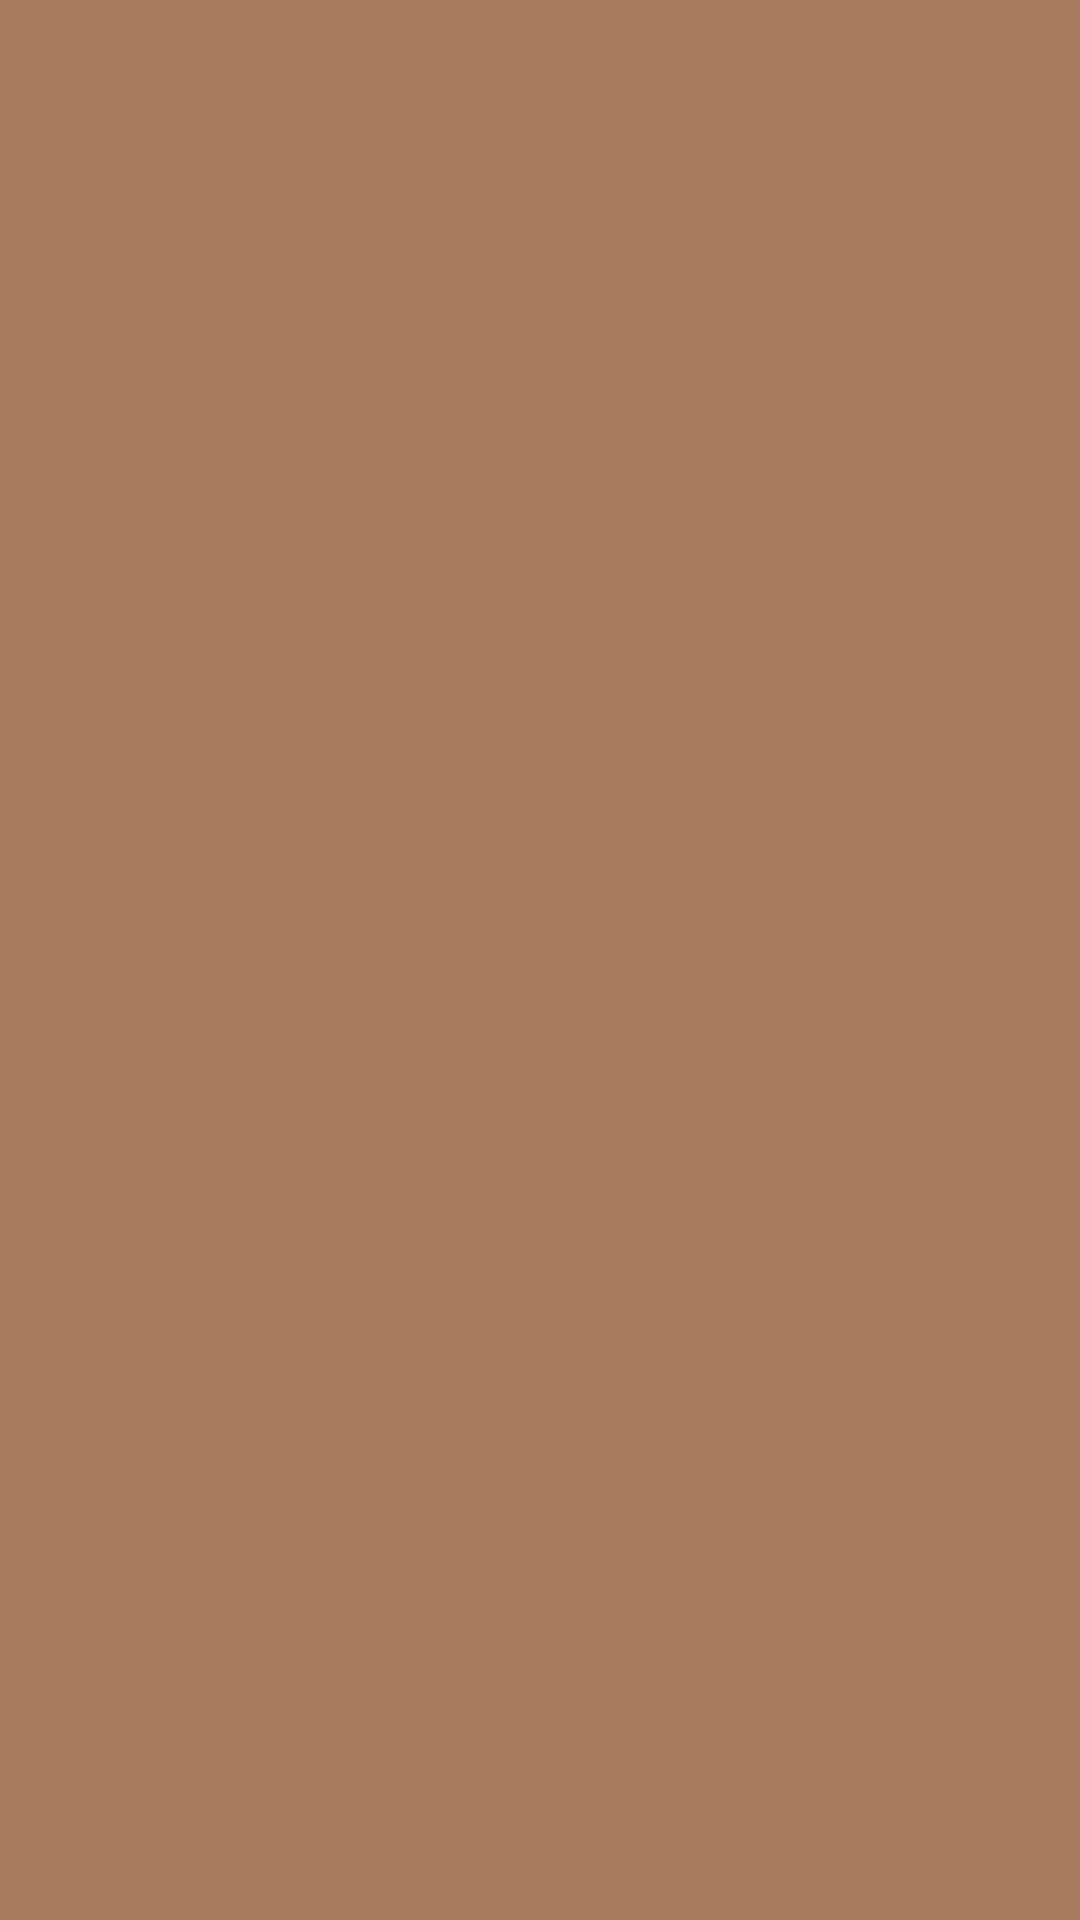 1080x1920 Cafe Au Lait Solid Color Background